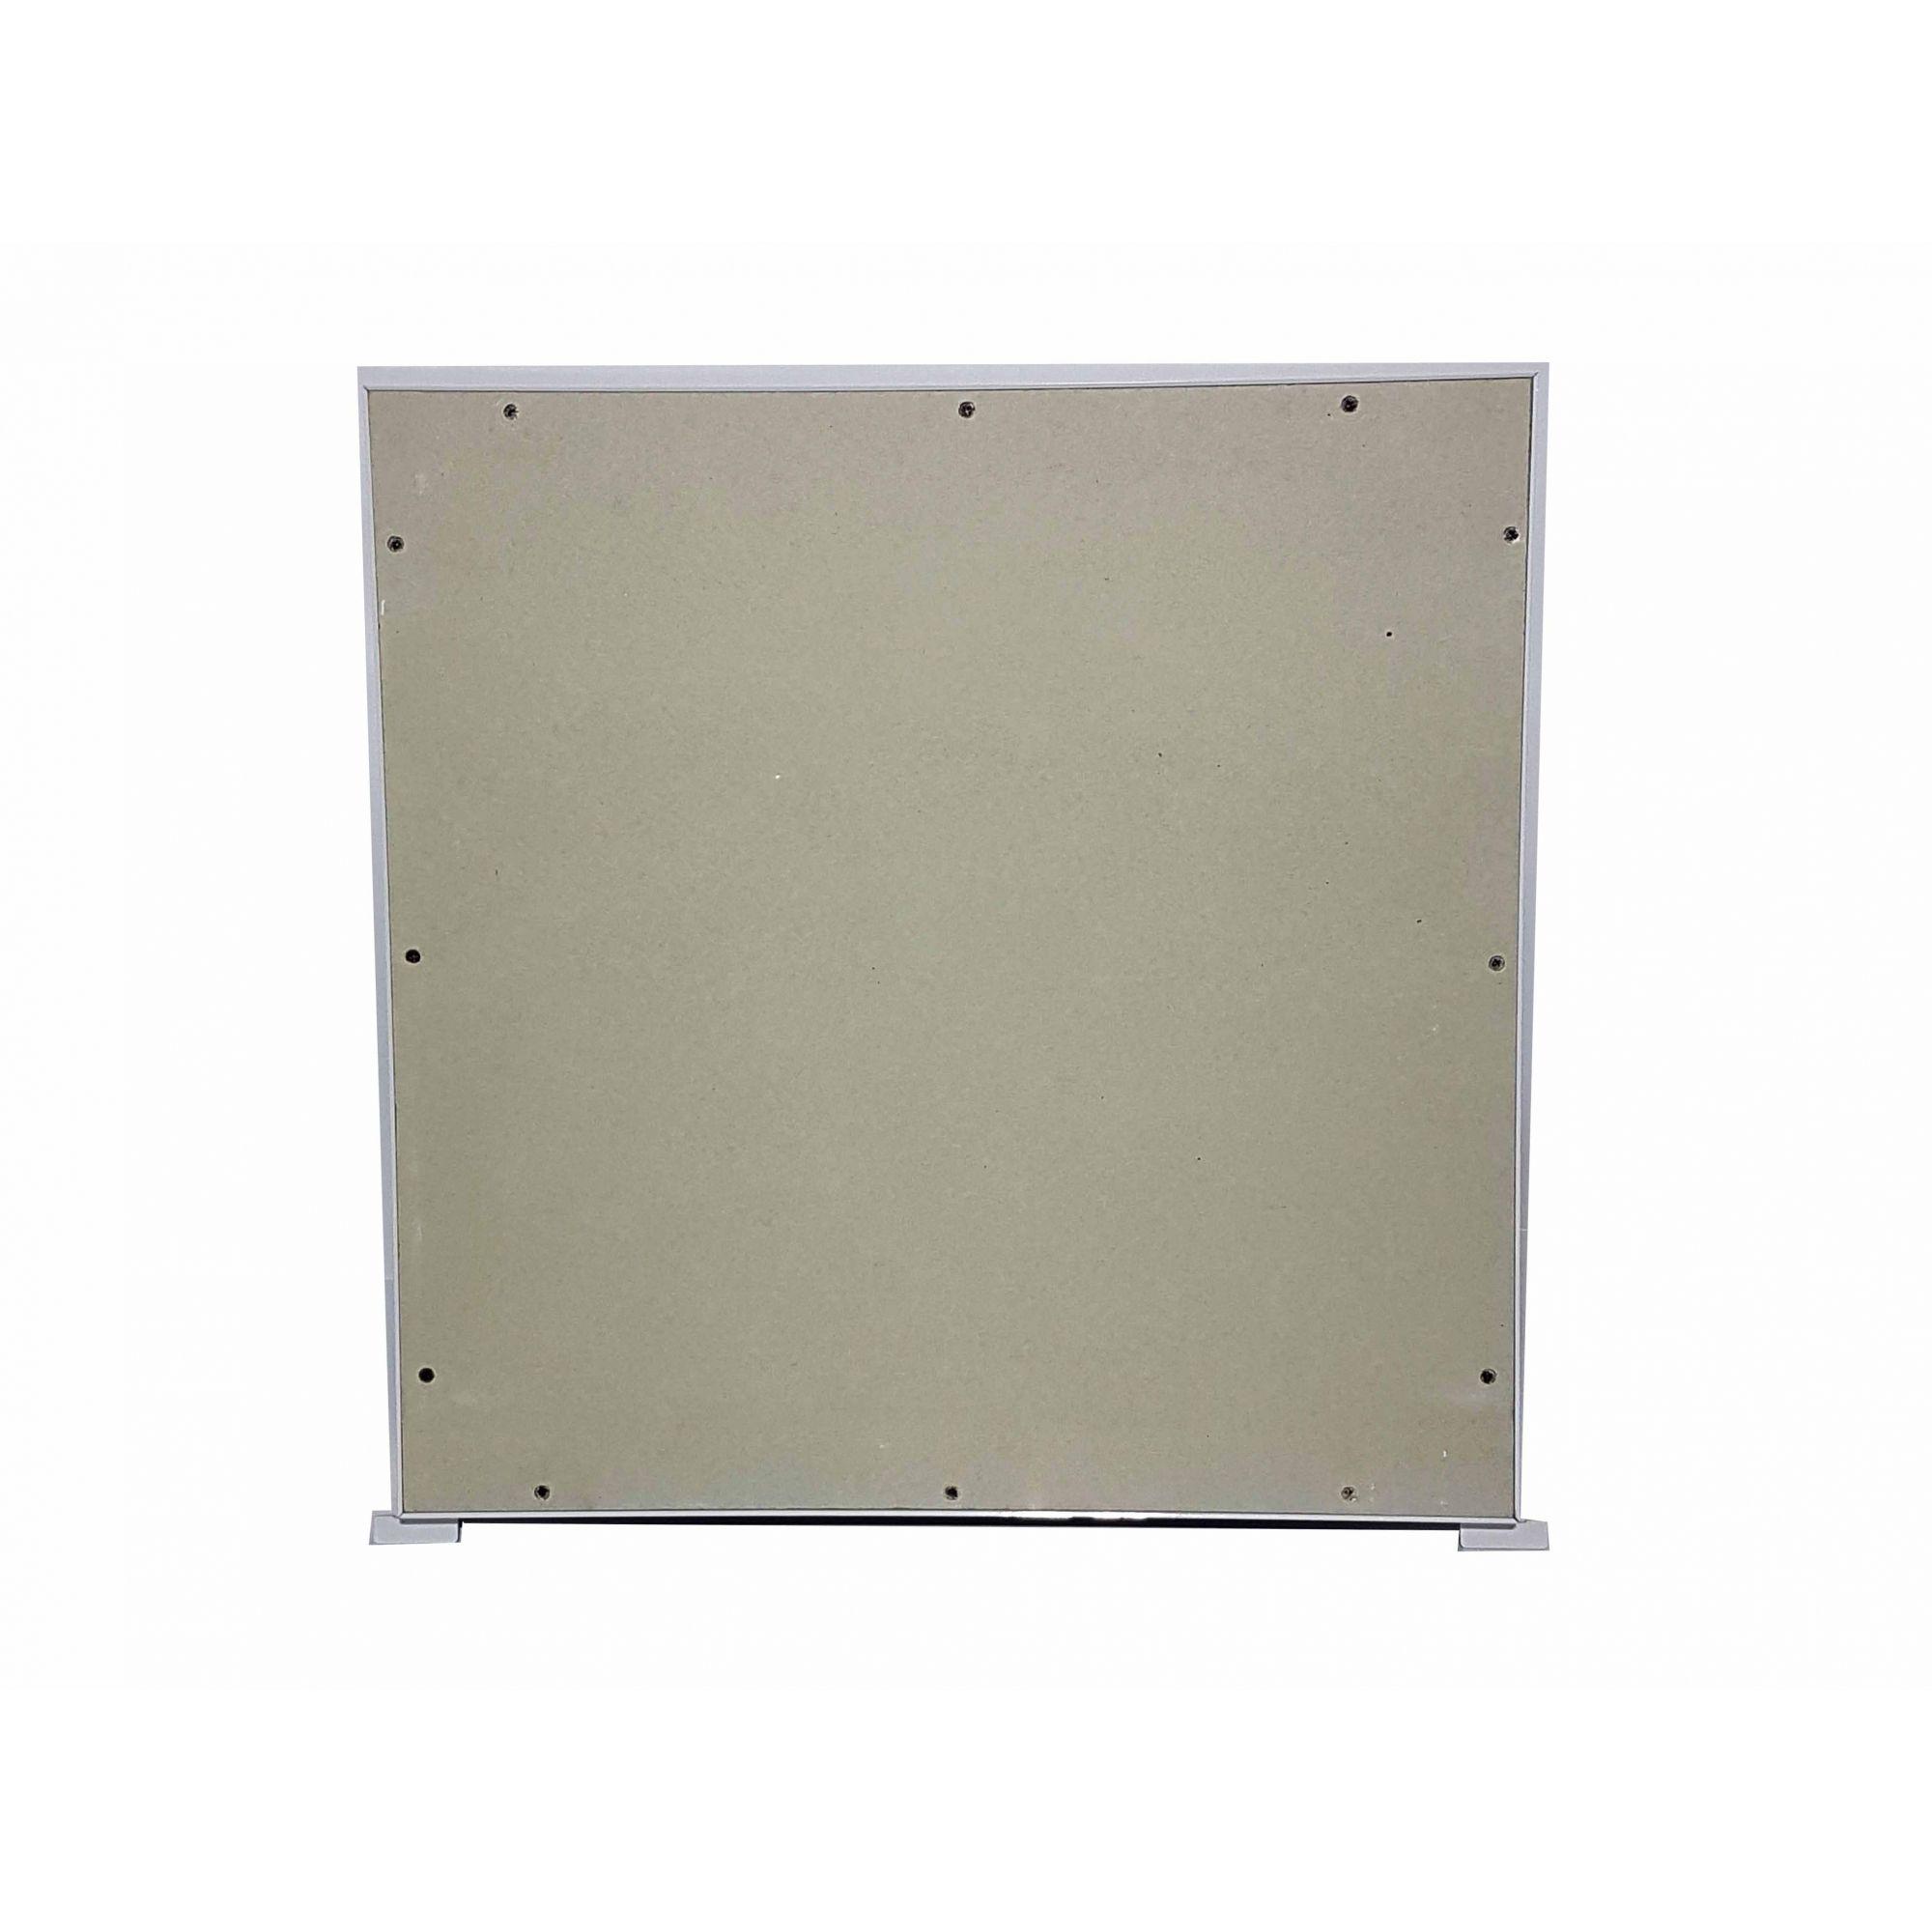 Alçapão Com Tampa Para Drywall Forro De Gesso 40x40 Cm